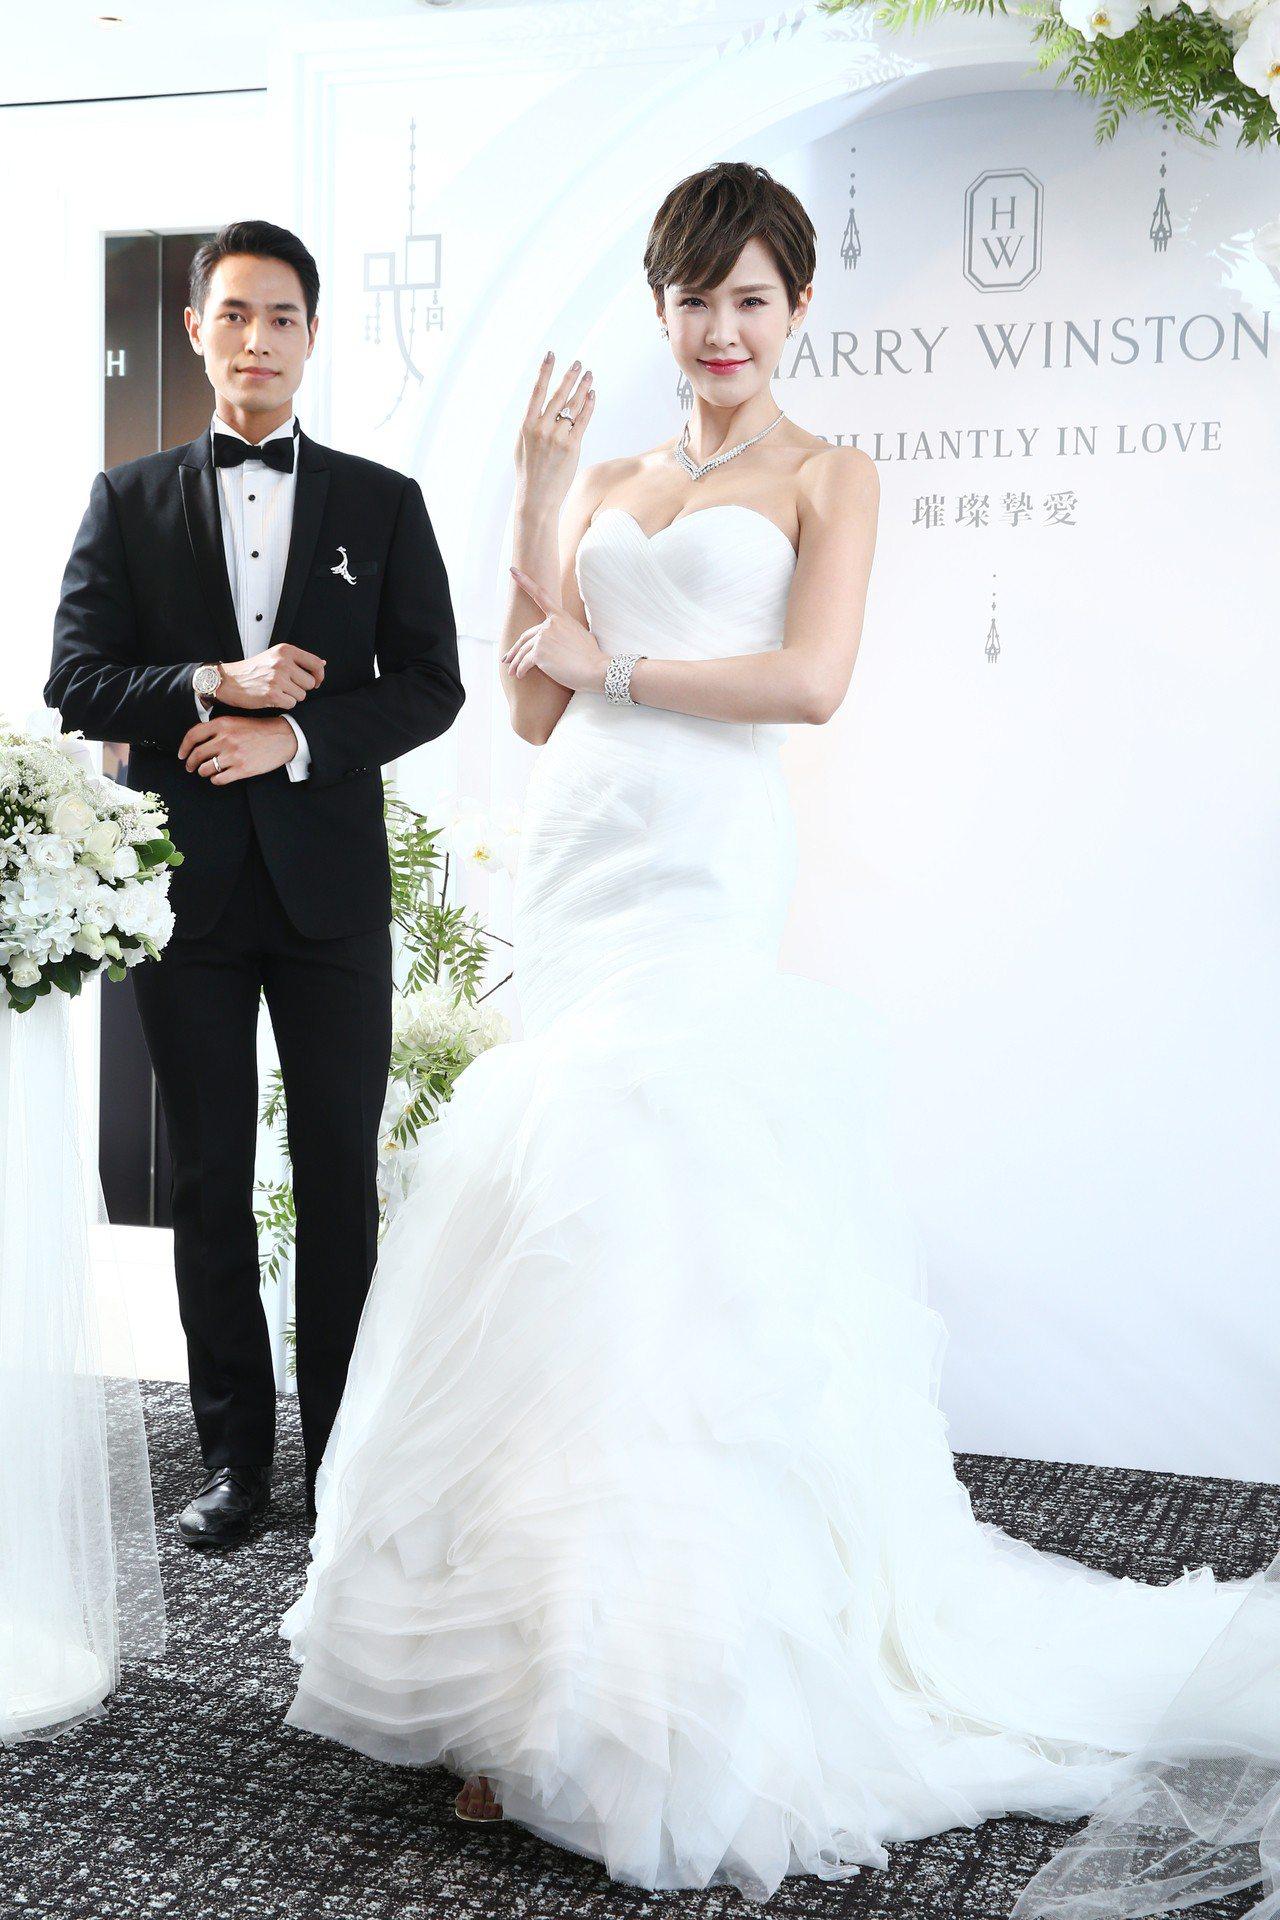 模特兒演繹海瑞溫斯頓Harry Winston婚禮珠寶系列。記者蘇健忠/攝影